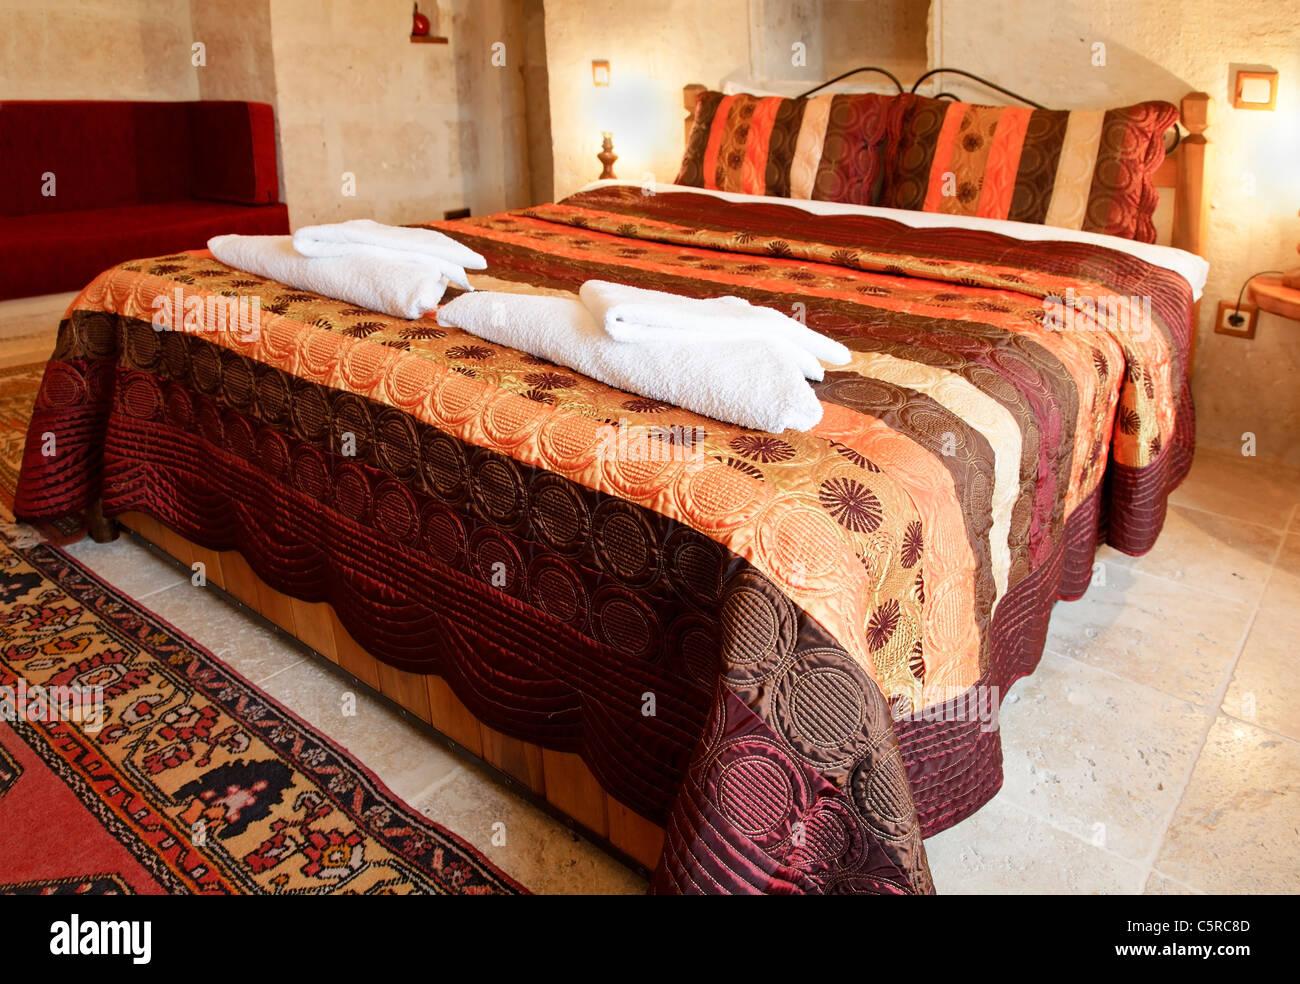 Le design intérieur et le niveau de détail des chambres en Turquie